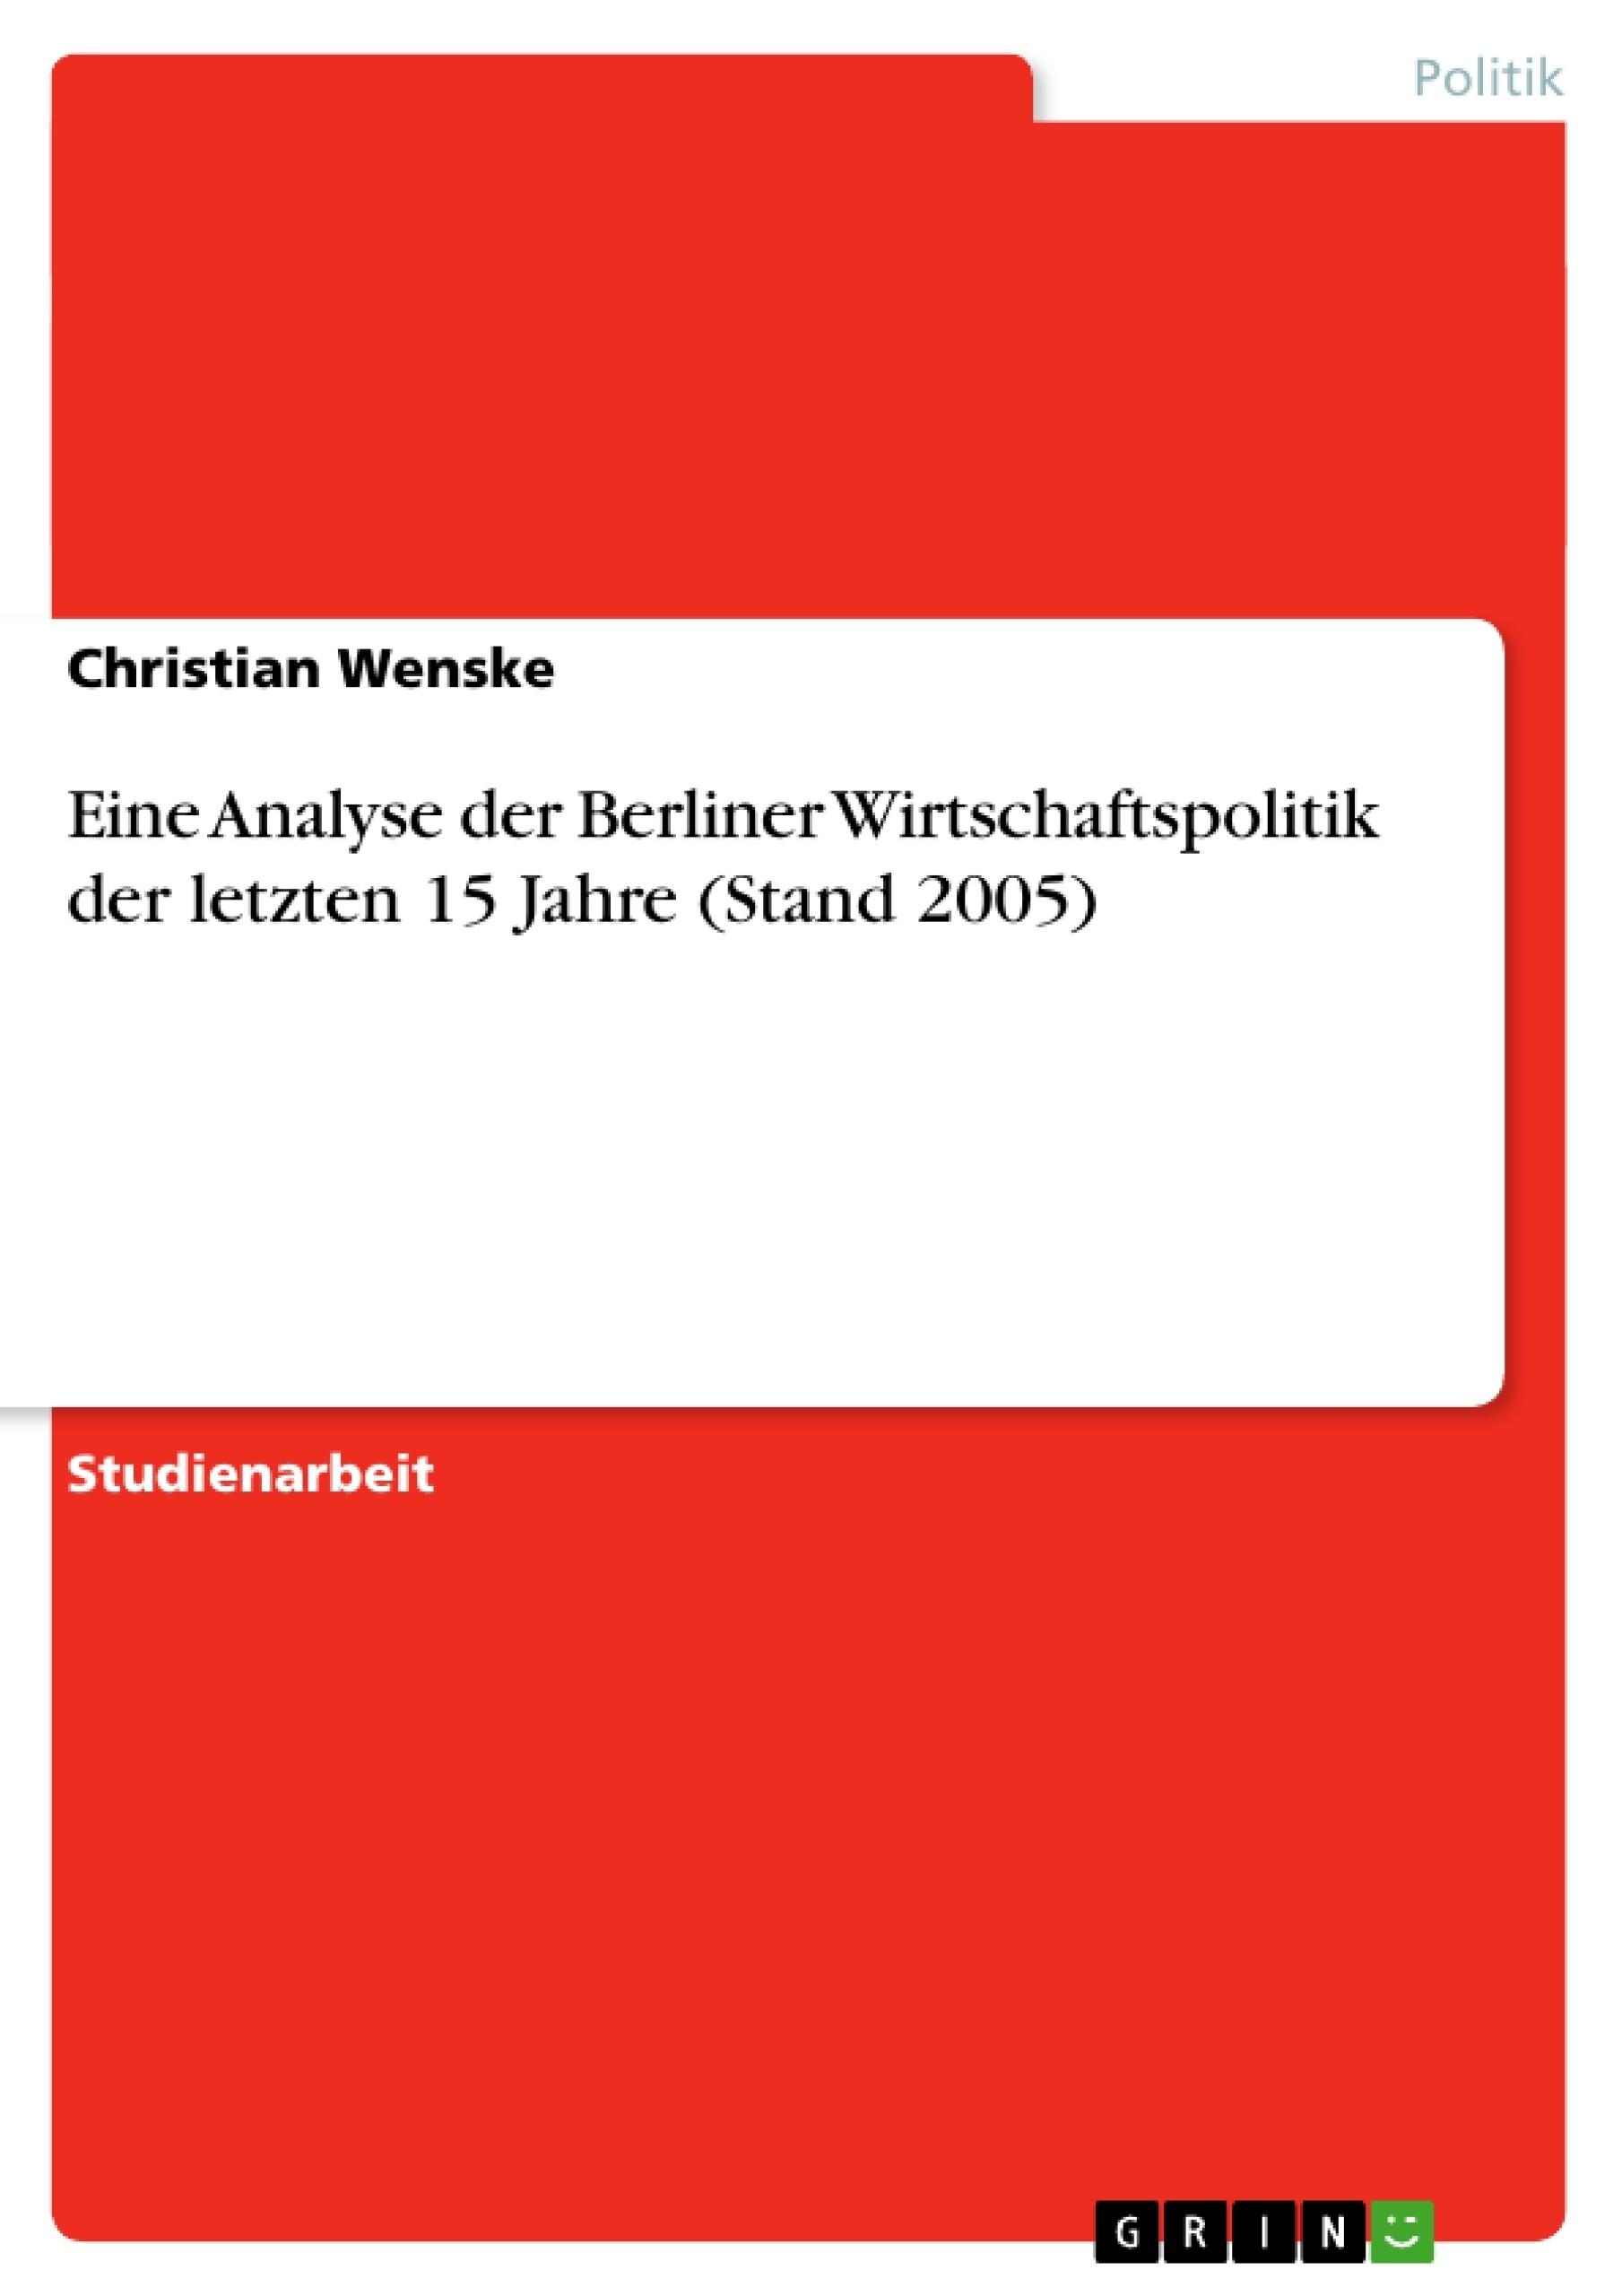 Titel: Eine Analyse der Berliner Wirtschaftspolitik der letzten 15 Jahre (Stand 2005)